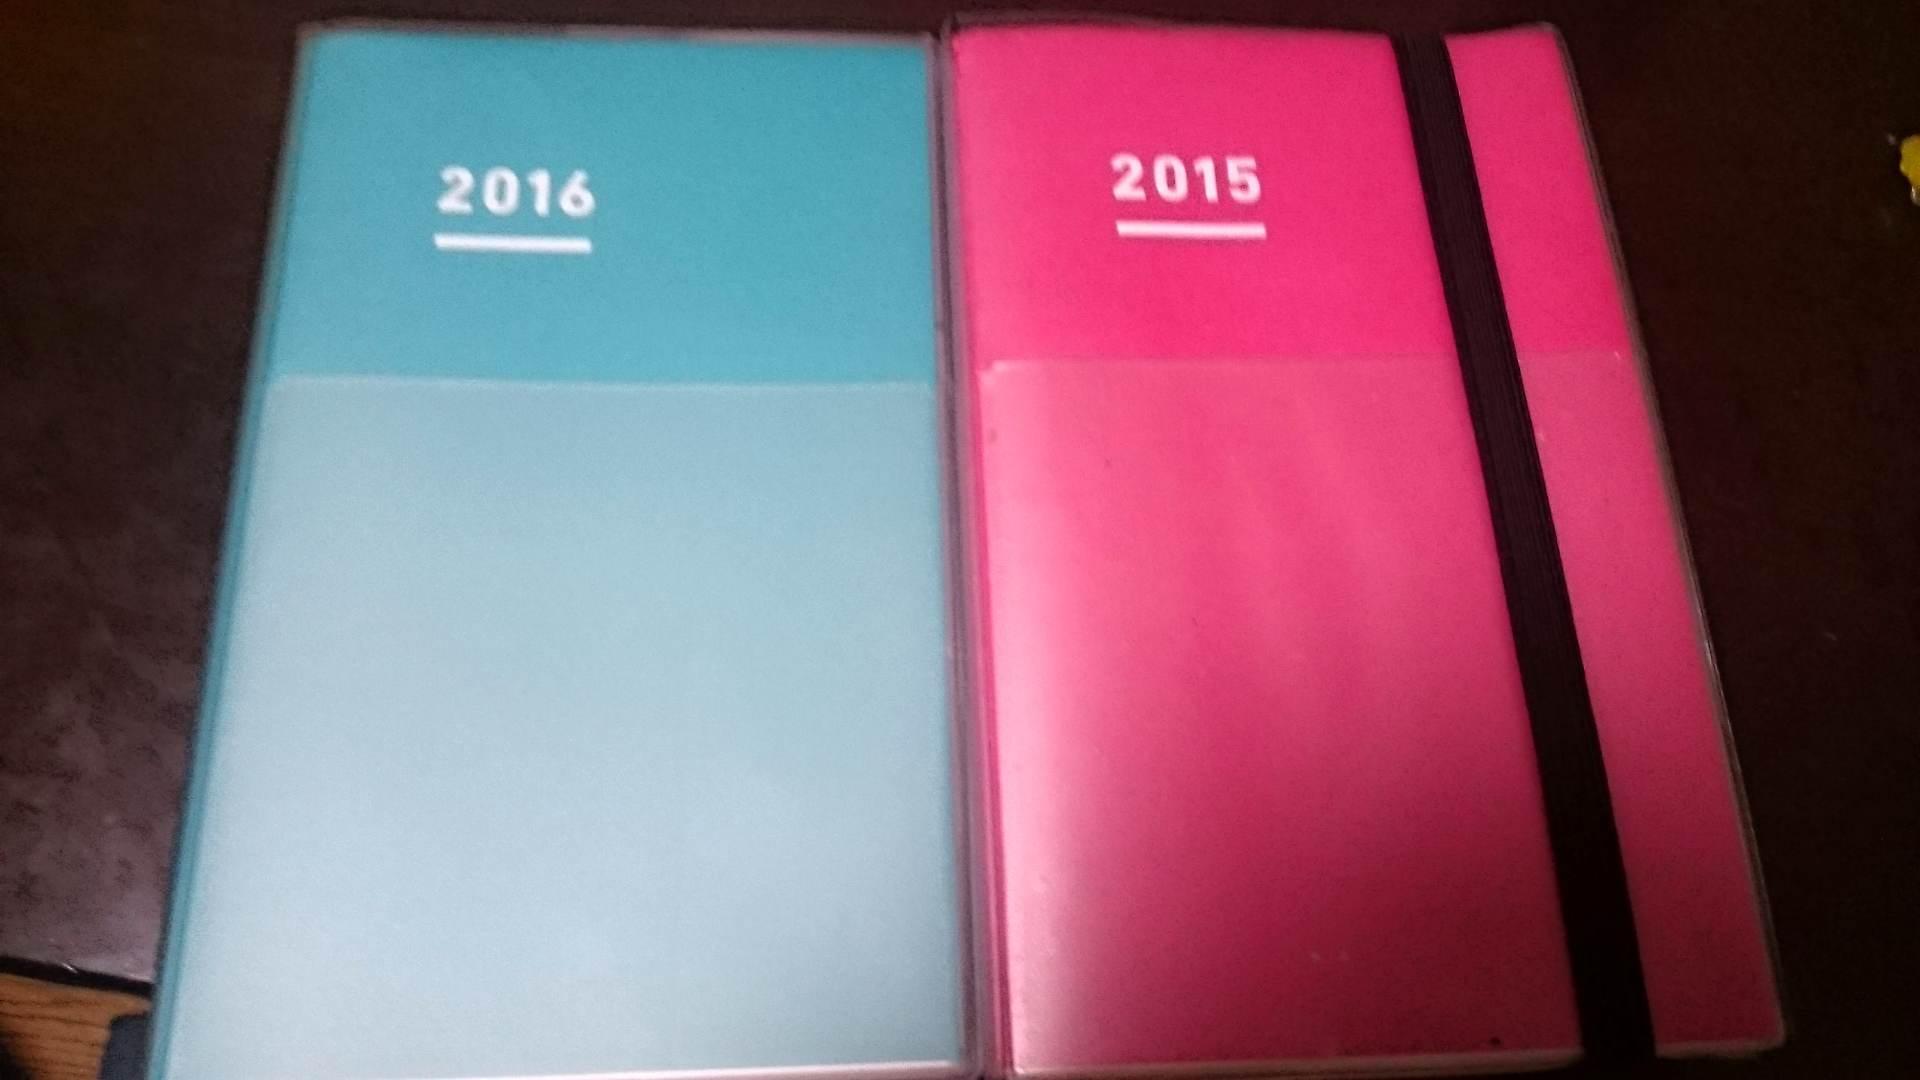 【文房具】ジブン手帳2017が発売開始!!今年はBizにしようと思います。新作だし。